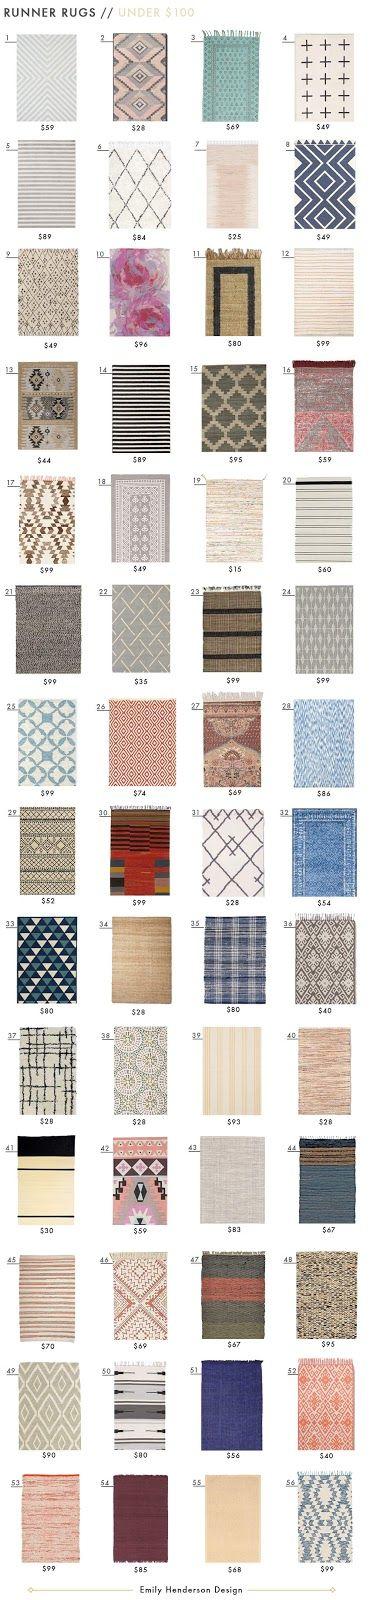 die besten 17 ideen zu teppiche usa auf pinterest | graue teppiche, Innenarchitektur ideen